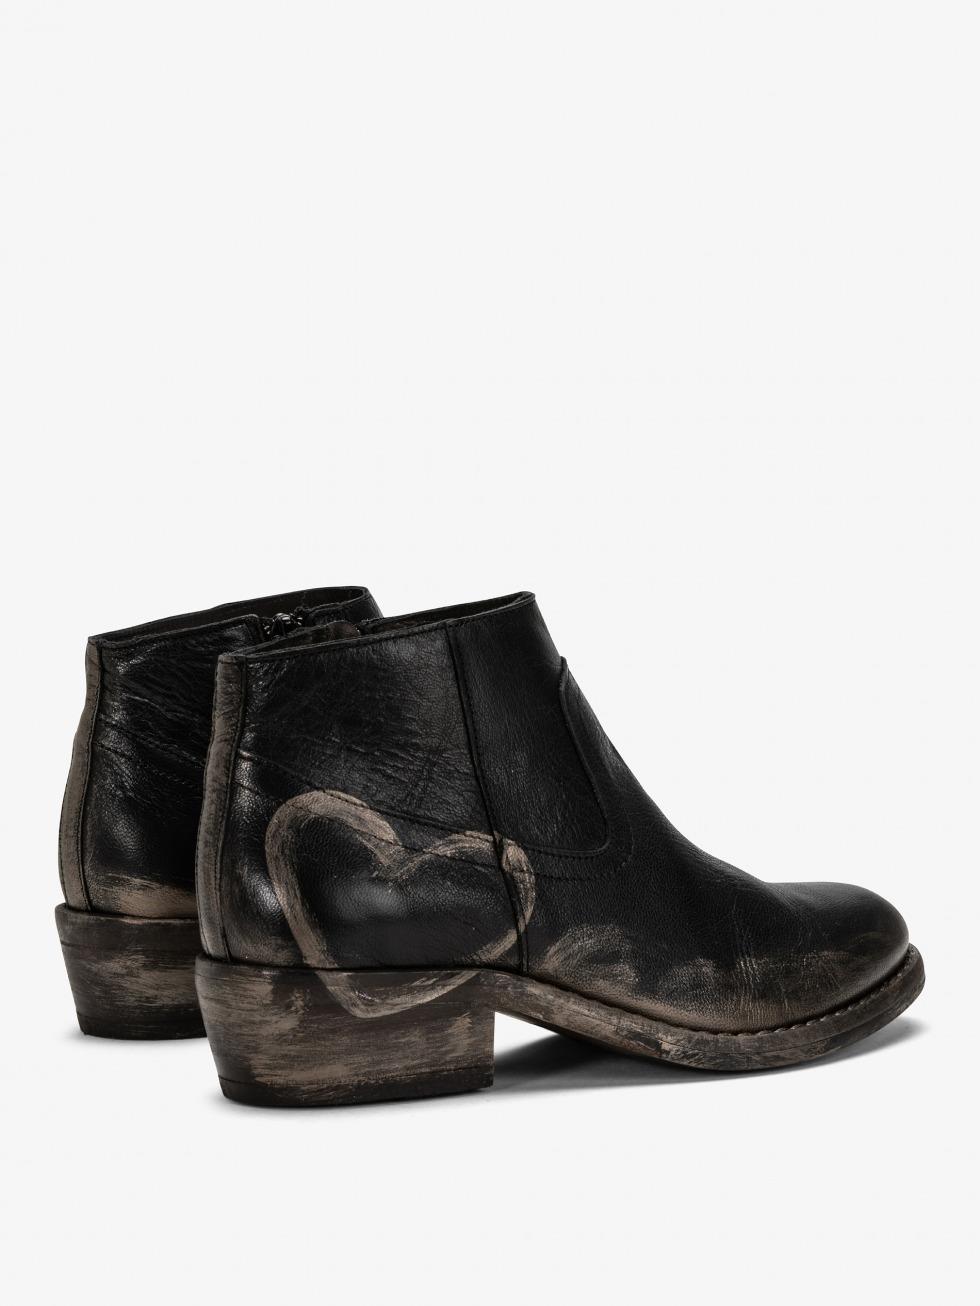 Boots Mojito Nero - Cuore